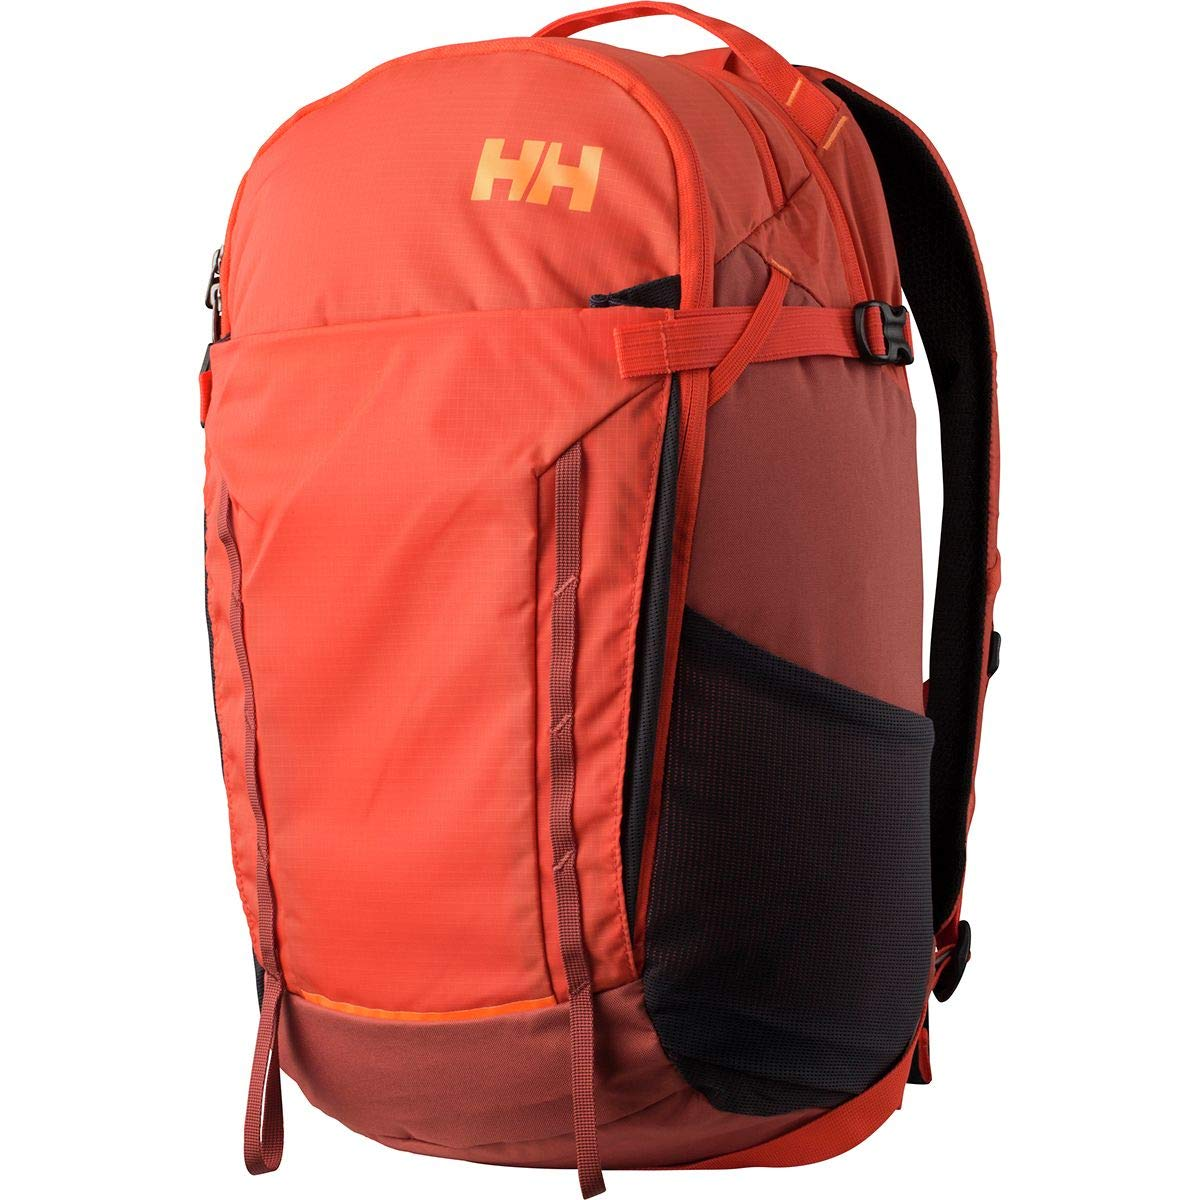 (ヘリーハンセン)Helly Hansen Vanir 25L Backpackメンズ バックパック リュック Grenadine [並行輸入品]   B07L4K5YSF